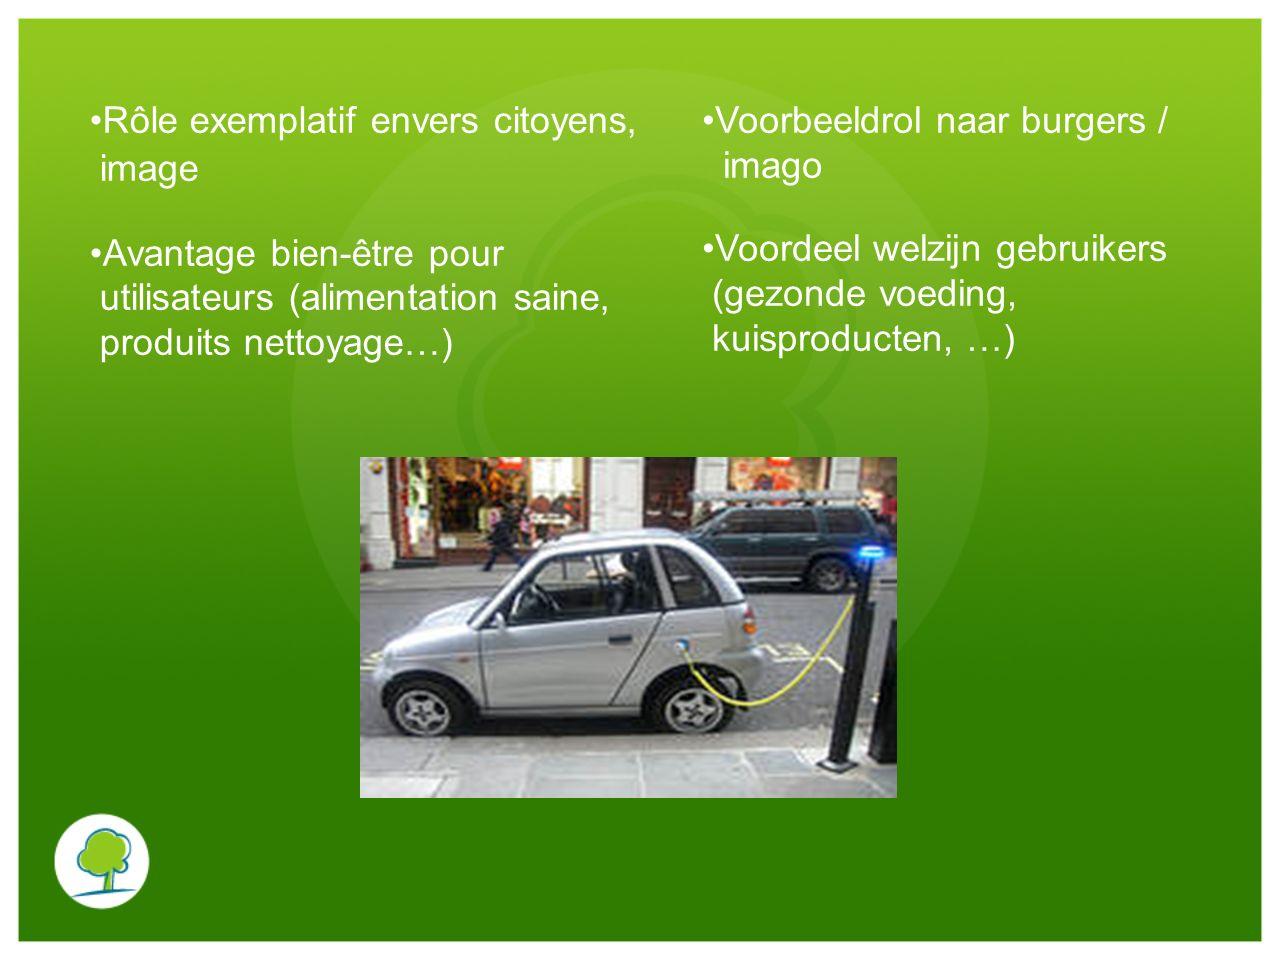 Rôle exemplatif envers citoyens, image Avantage bien-être pour utilisateurs (alimentation saine, produits nettoyage…) Voorbeeldrol naar burgers / imag